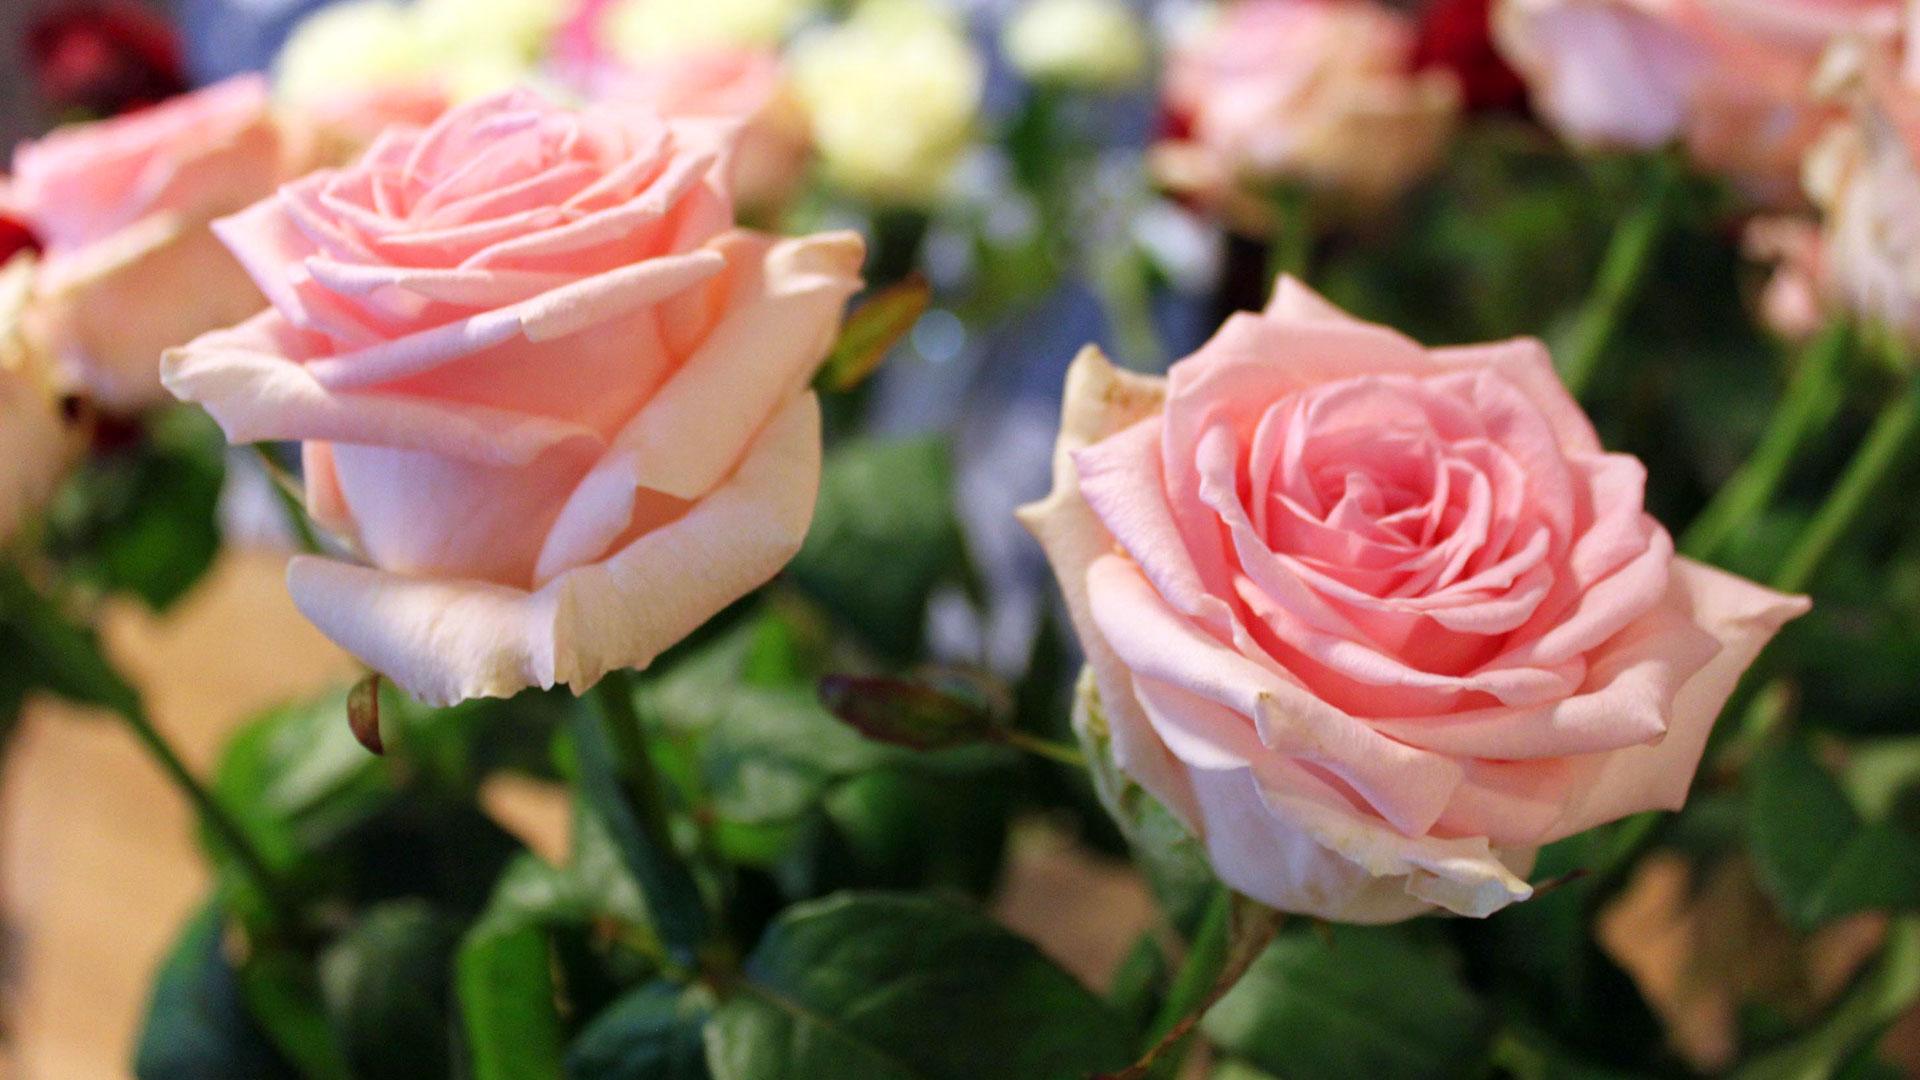 The Billion Pound Flower Market